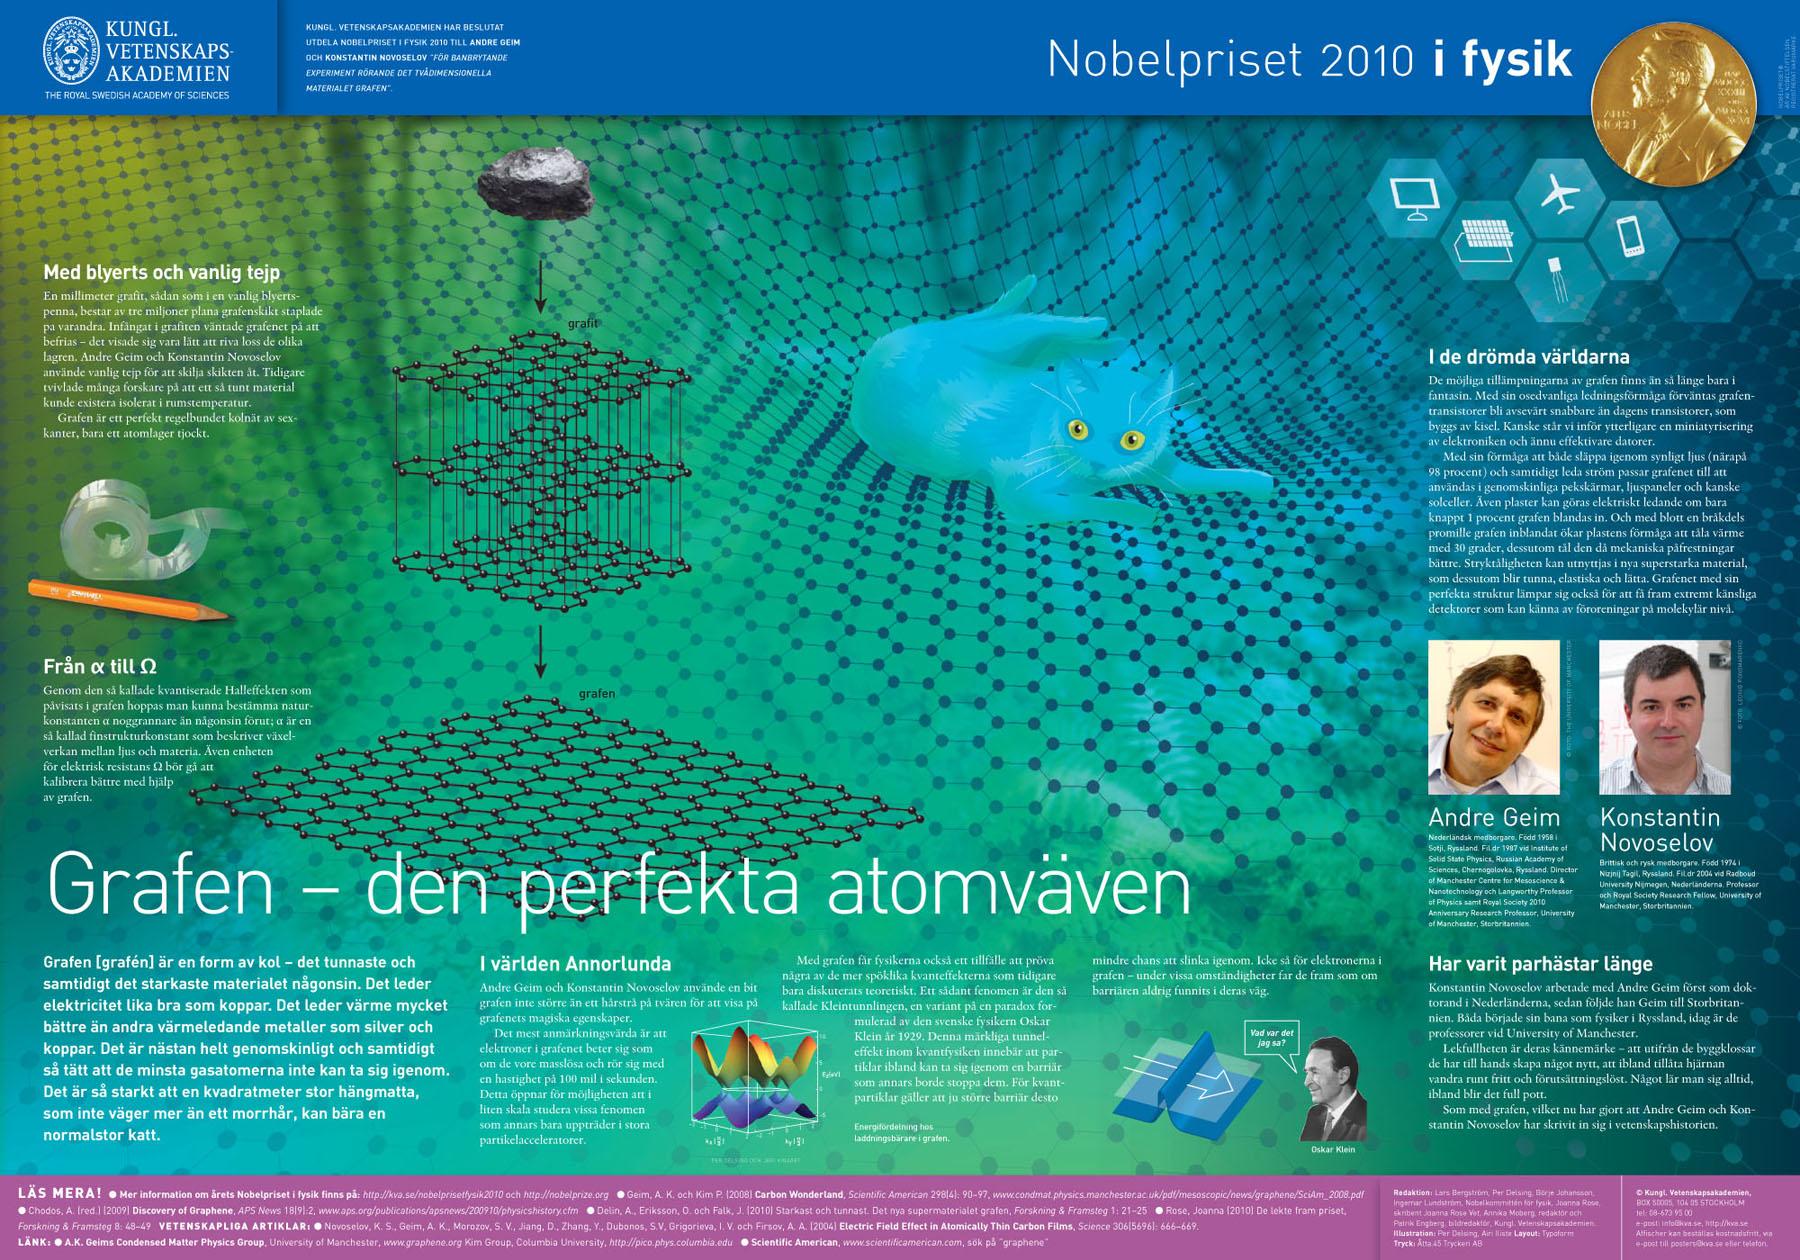 fysik_2010_1800pix